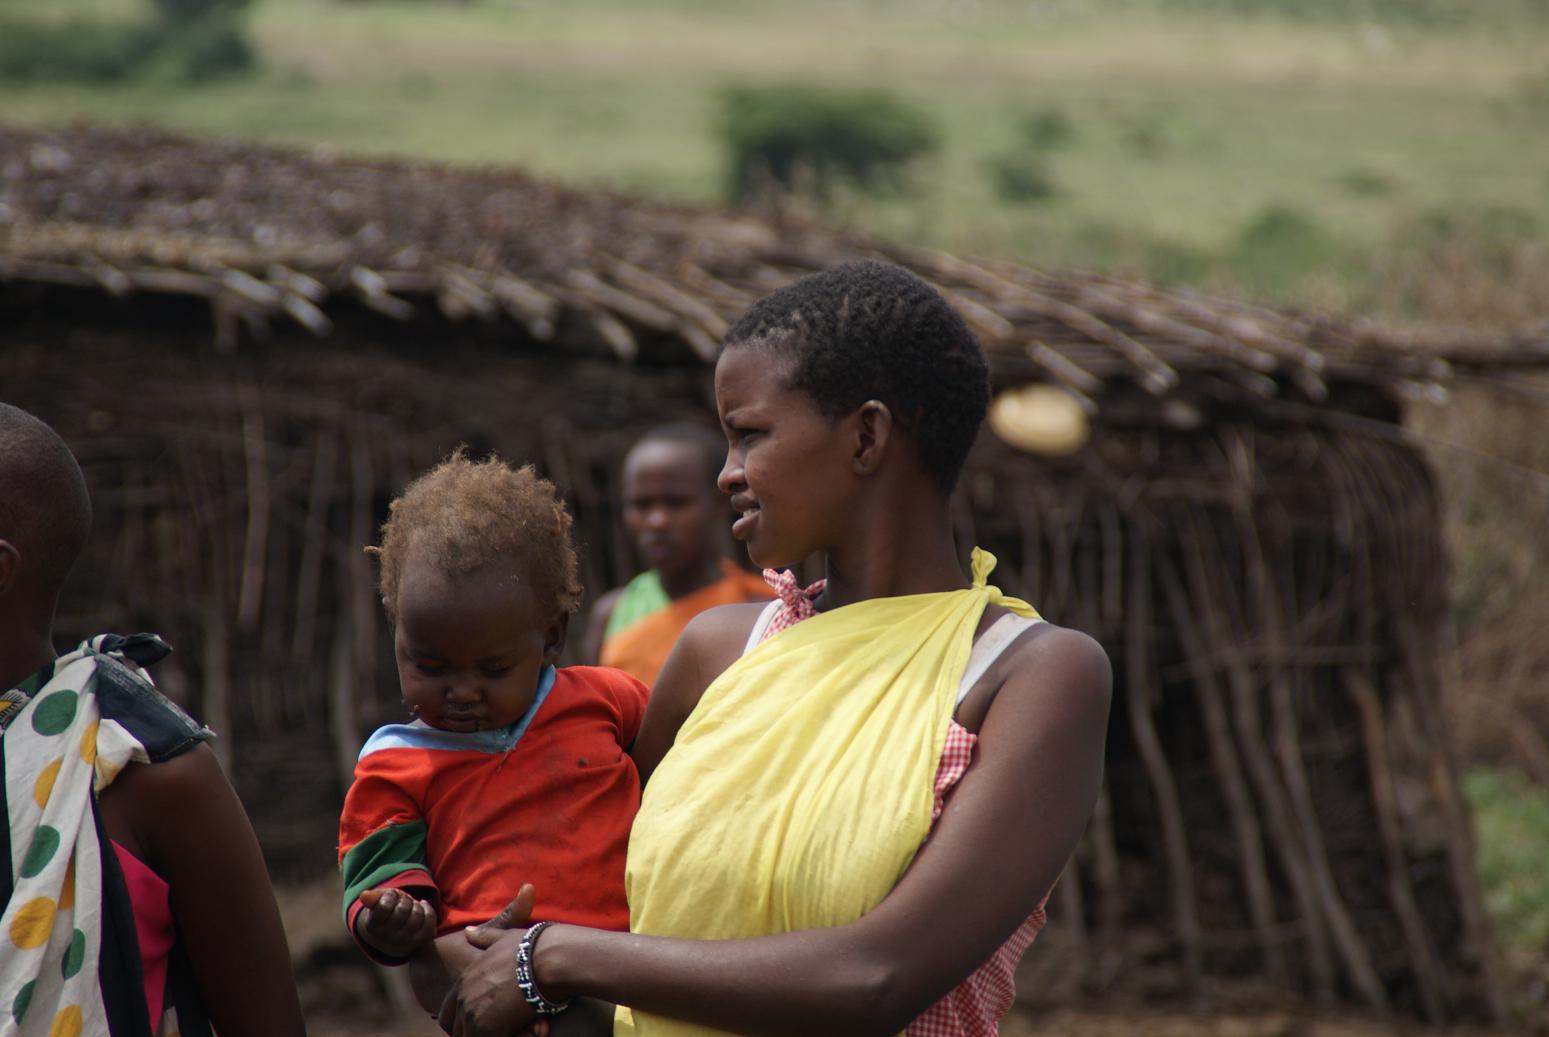 Смотрите как развлекают себя девушки в деревне 22 фотография